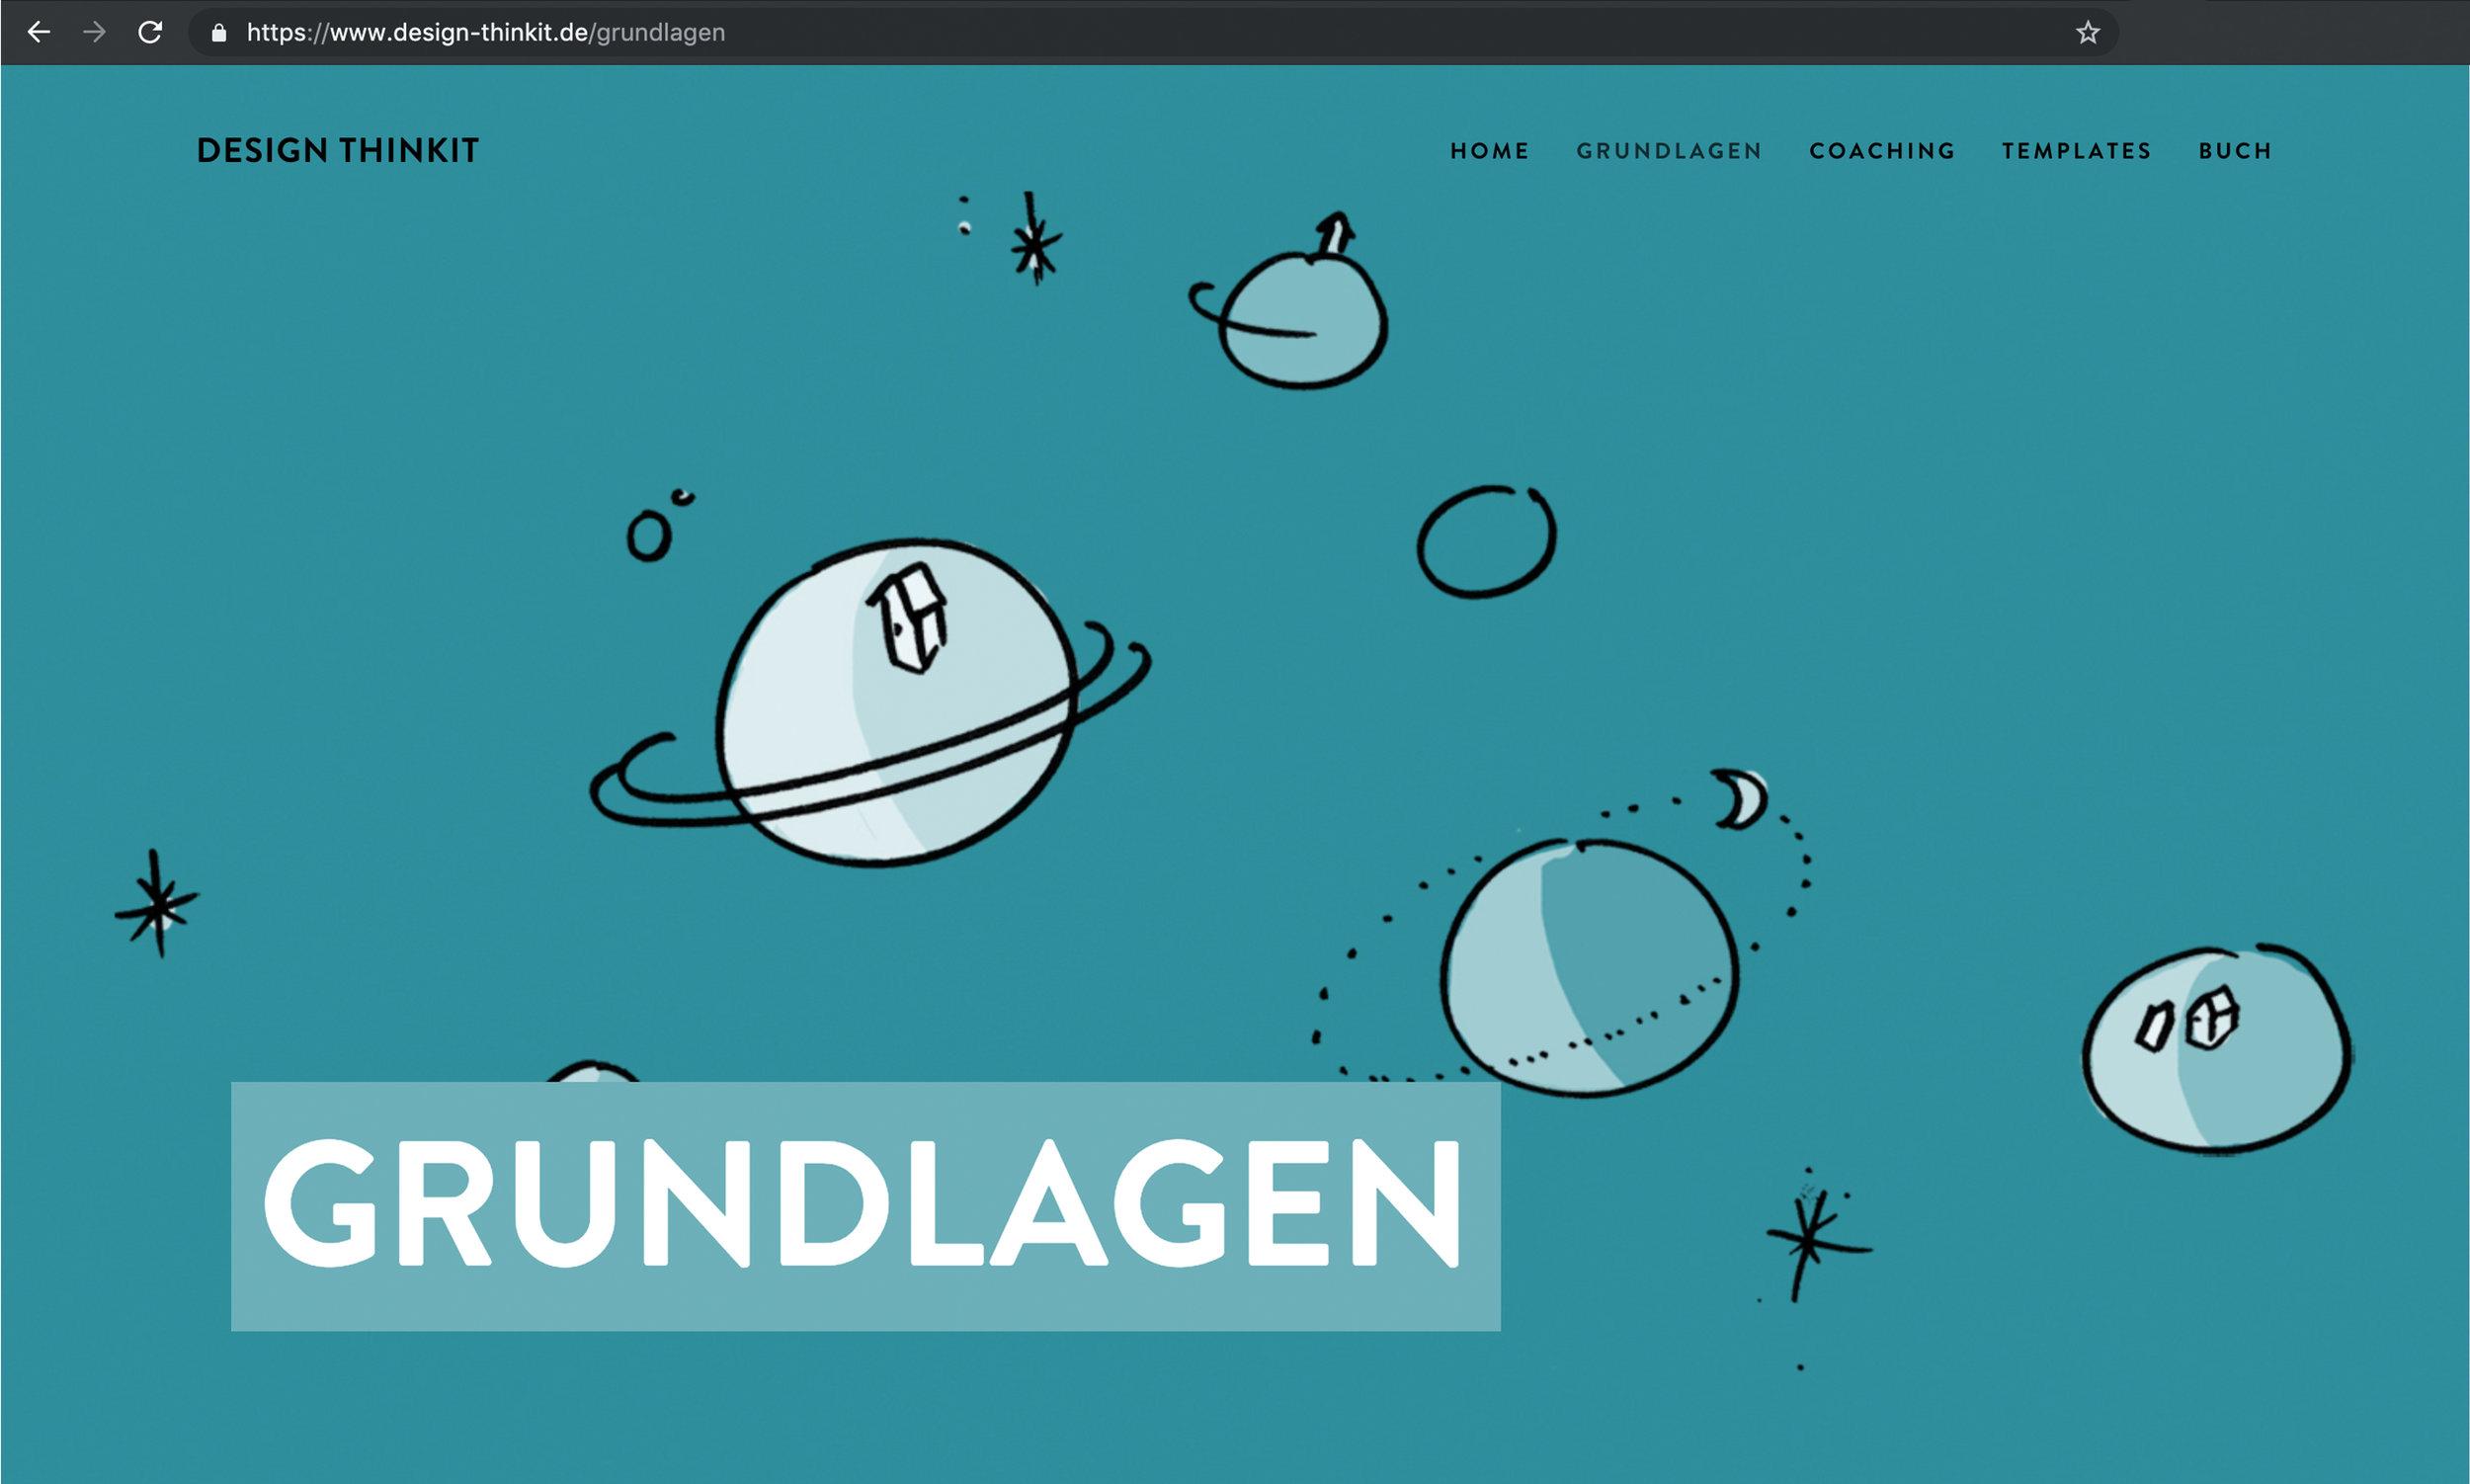 Unterseite Grundlagen des Design Thinkings auf Design-Thinkit.de